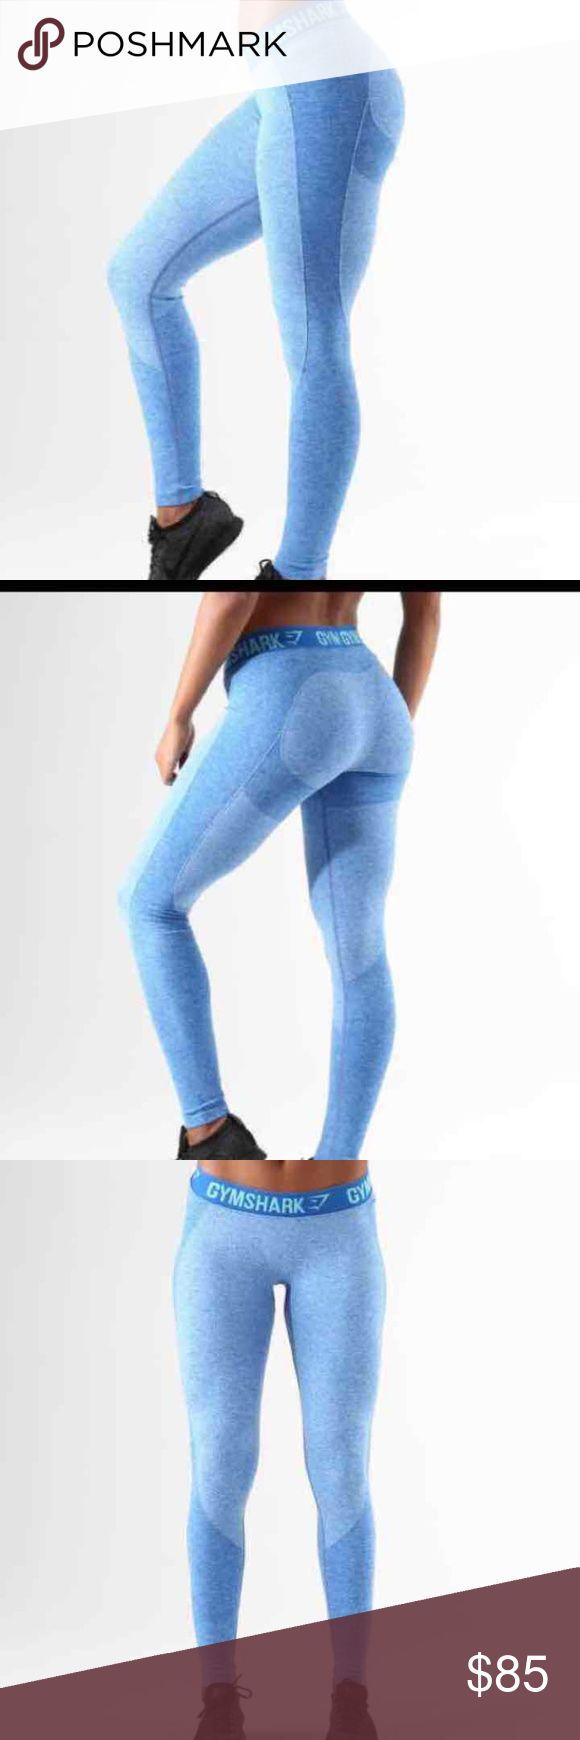 Gymshark flex leggings XS Brand new flex leggings XS Gymshark Pants Leggings